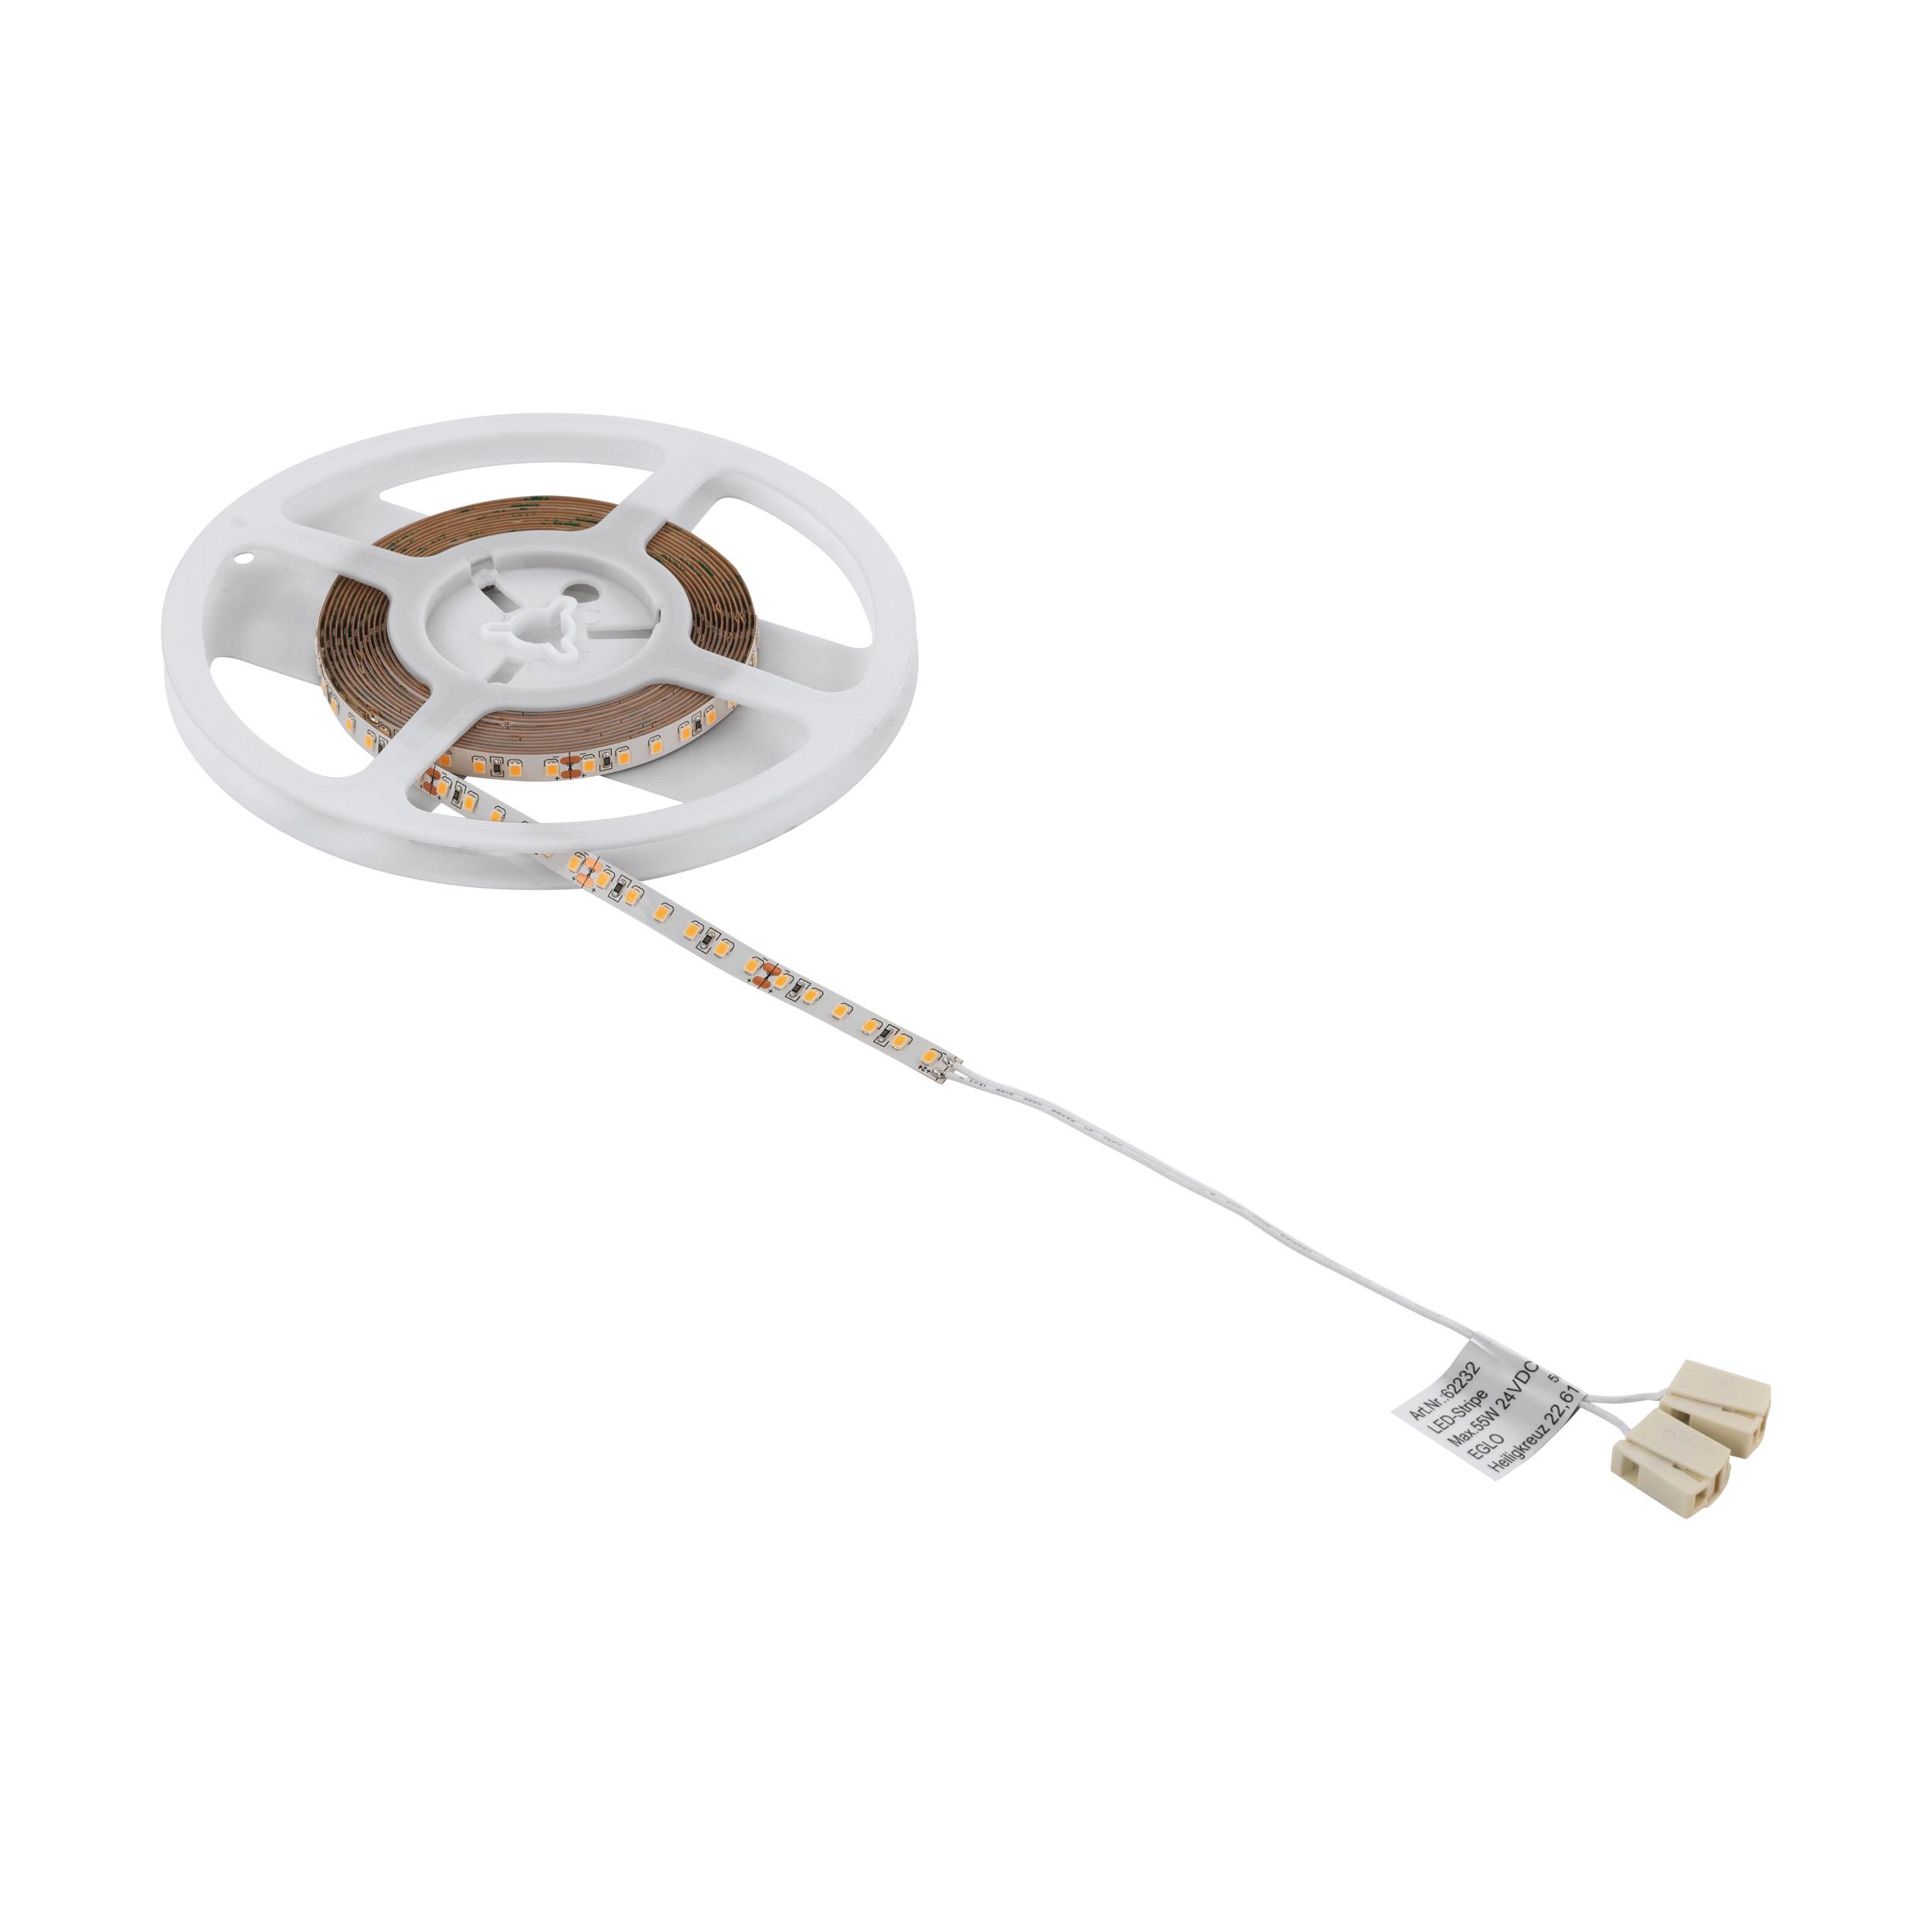 1 Stk LED-STRIPE 20m Rolle, Angabe per Meter 11W/mW 2700K IP20 LI63294---